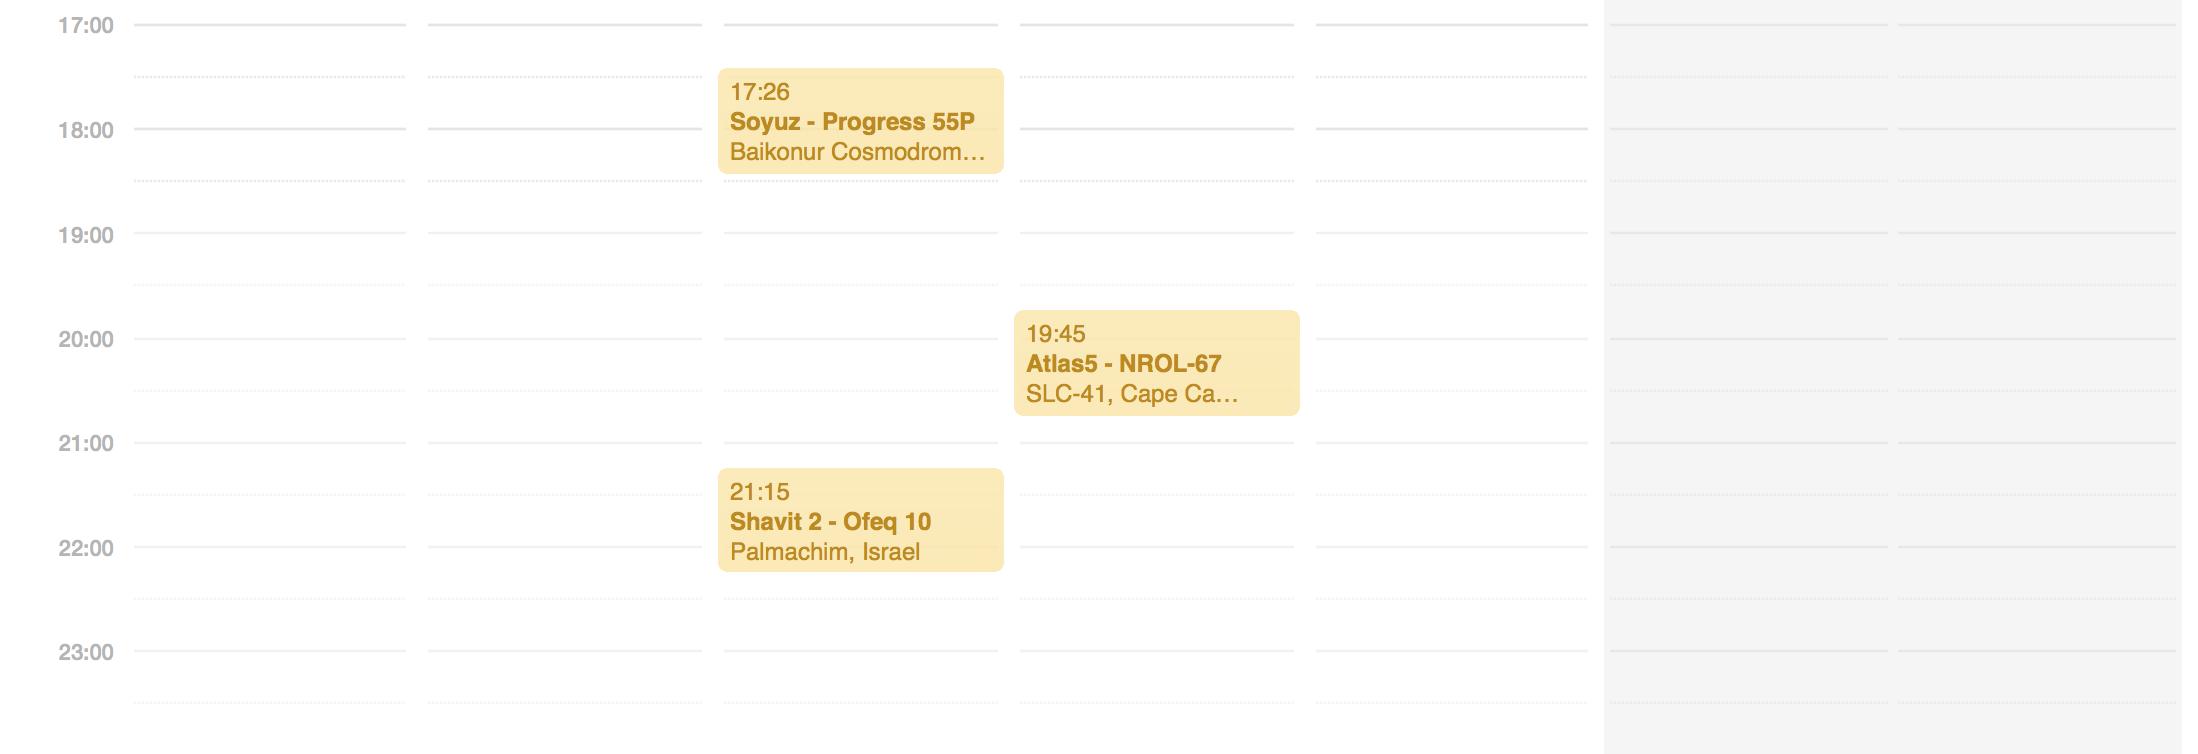 SpaceFlightNow Launch Schedule Calendar